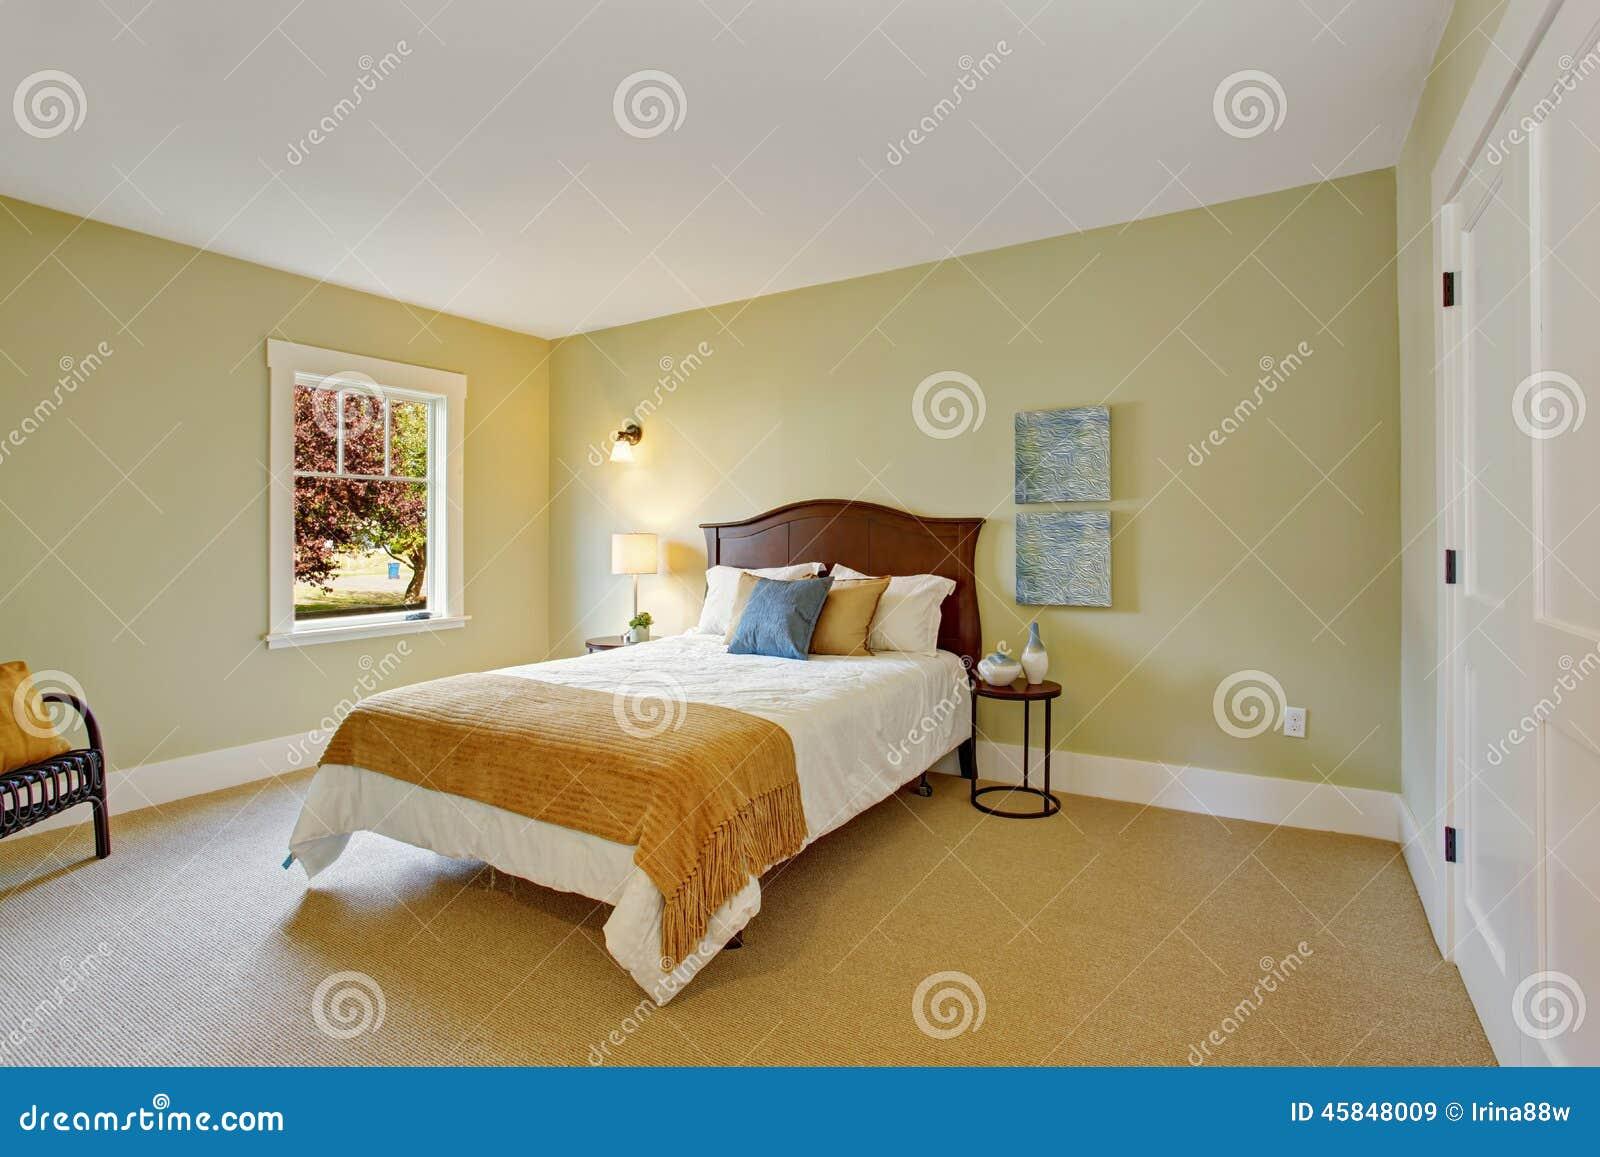 Schlafzimmer in der hellen tadellosen farbe mit weißem bett ...